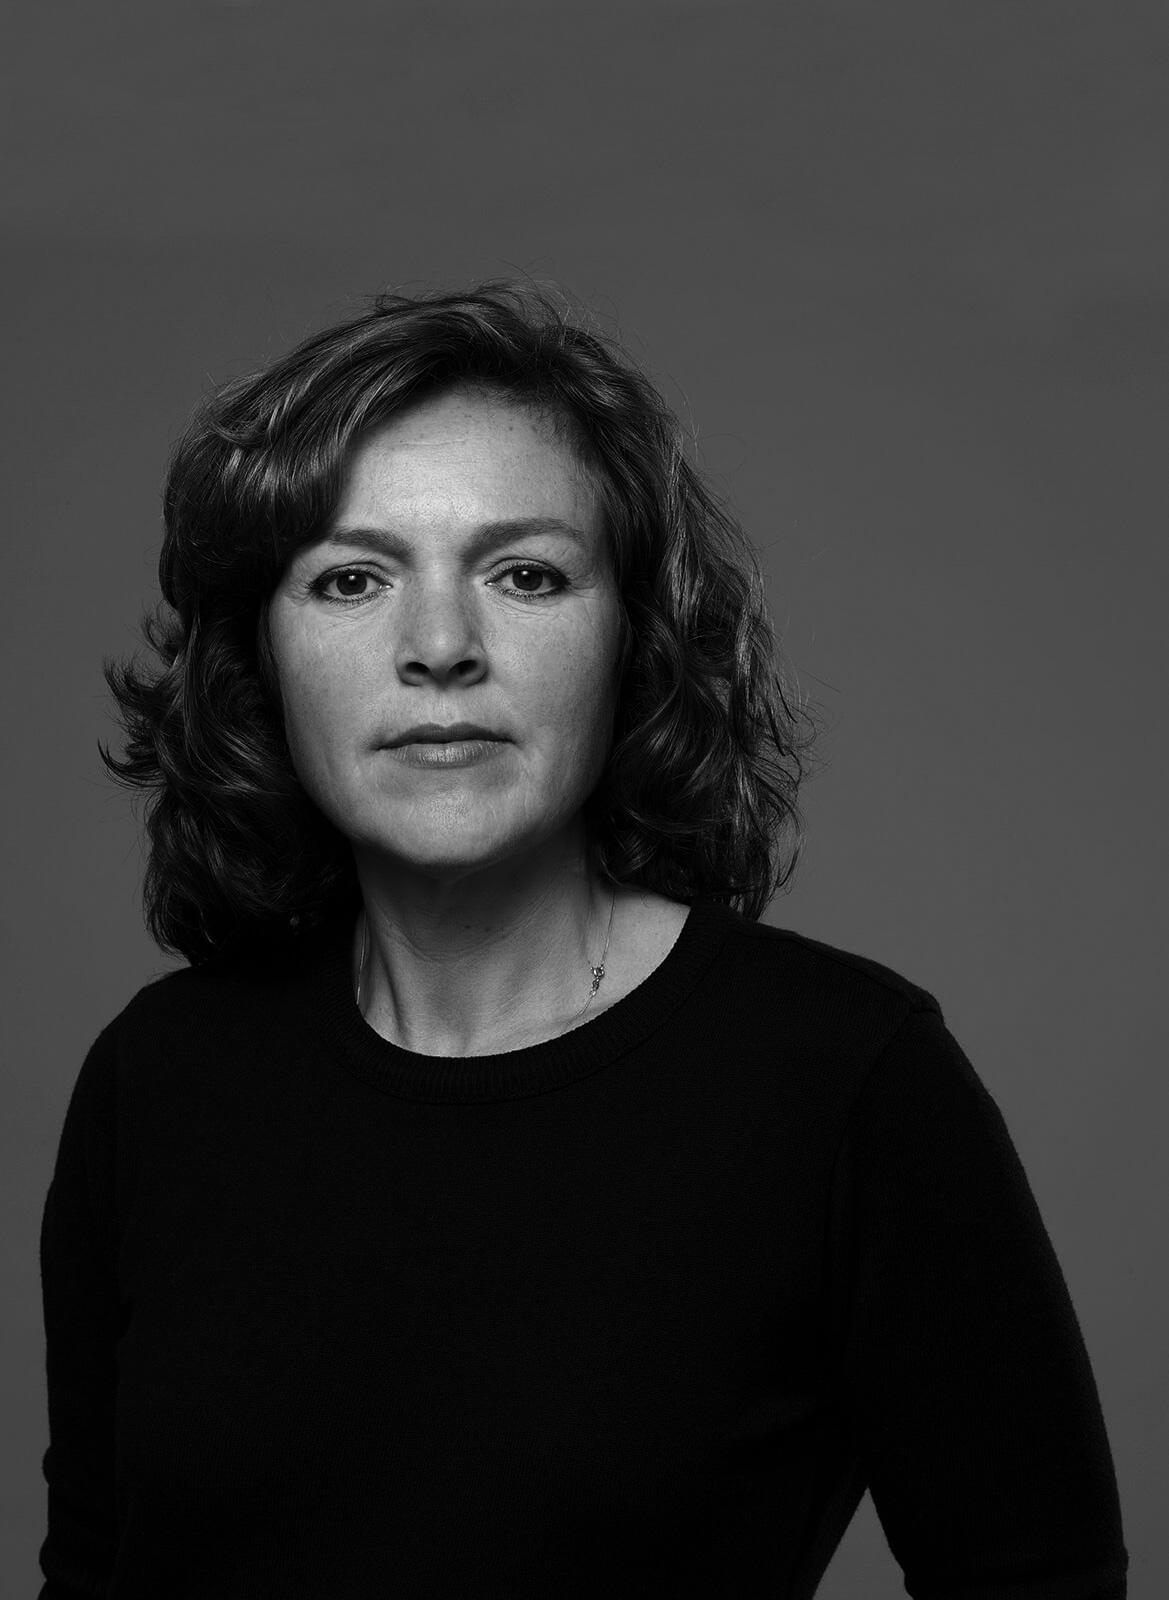 Nikki Gonnissen